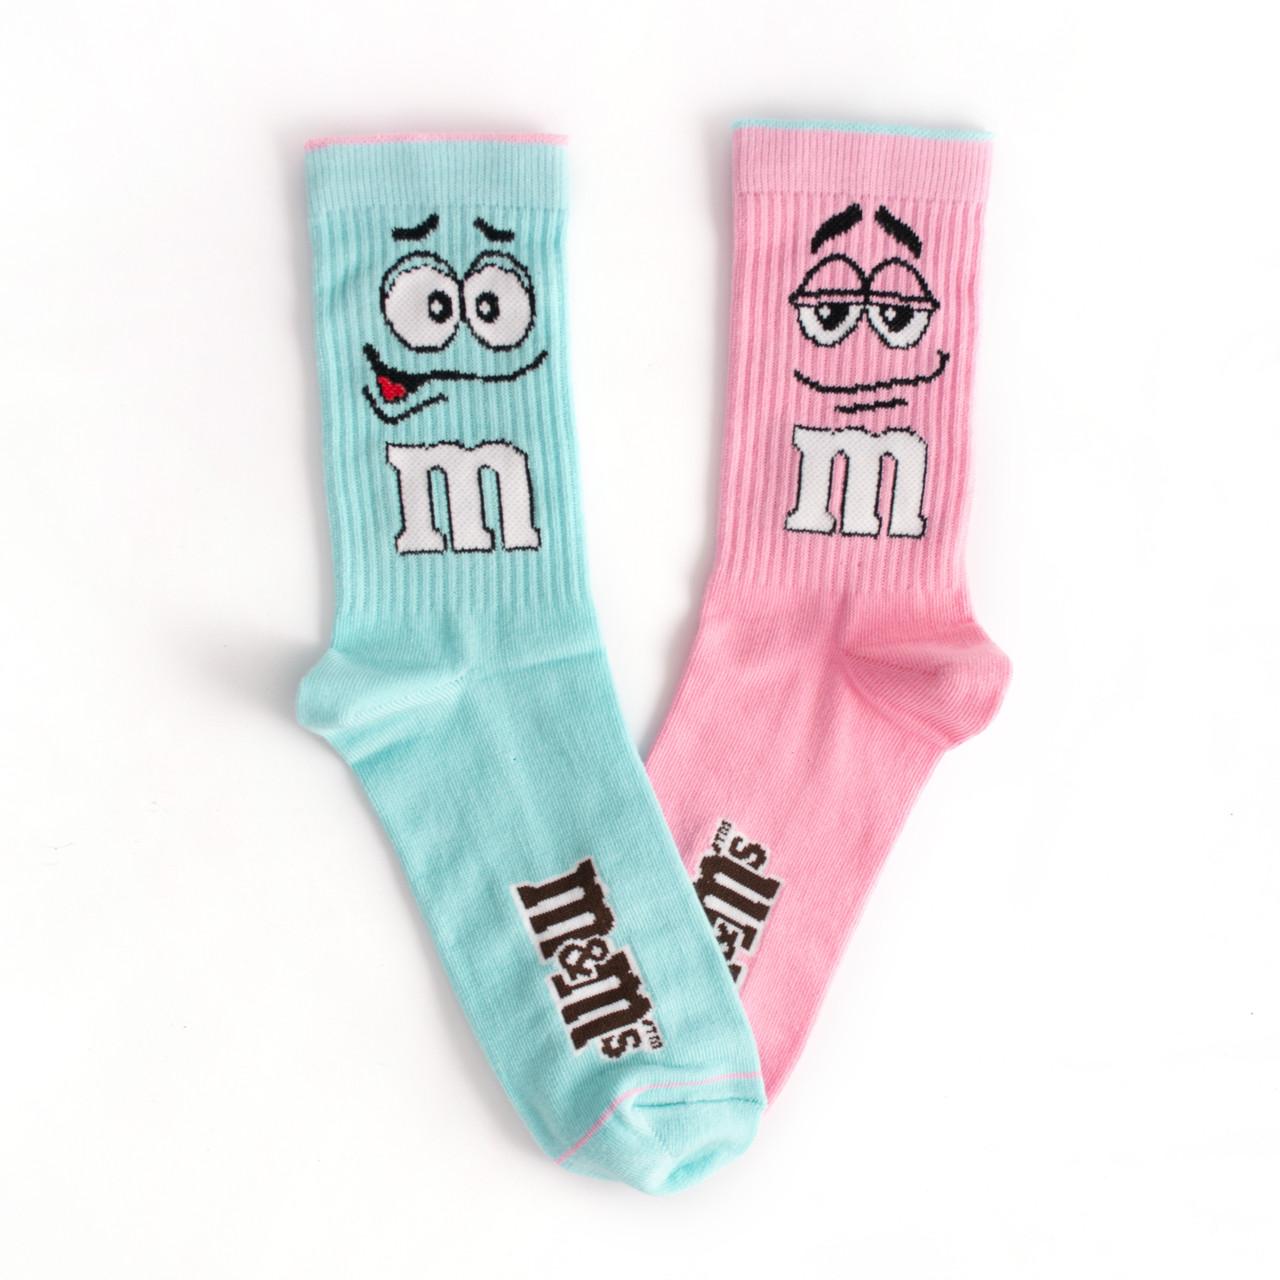 """Носки из высококачественного хлопка с оригинальным принтом """"M&M's"""" Розовый / Бирюзовый"""